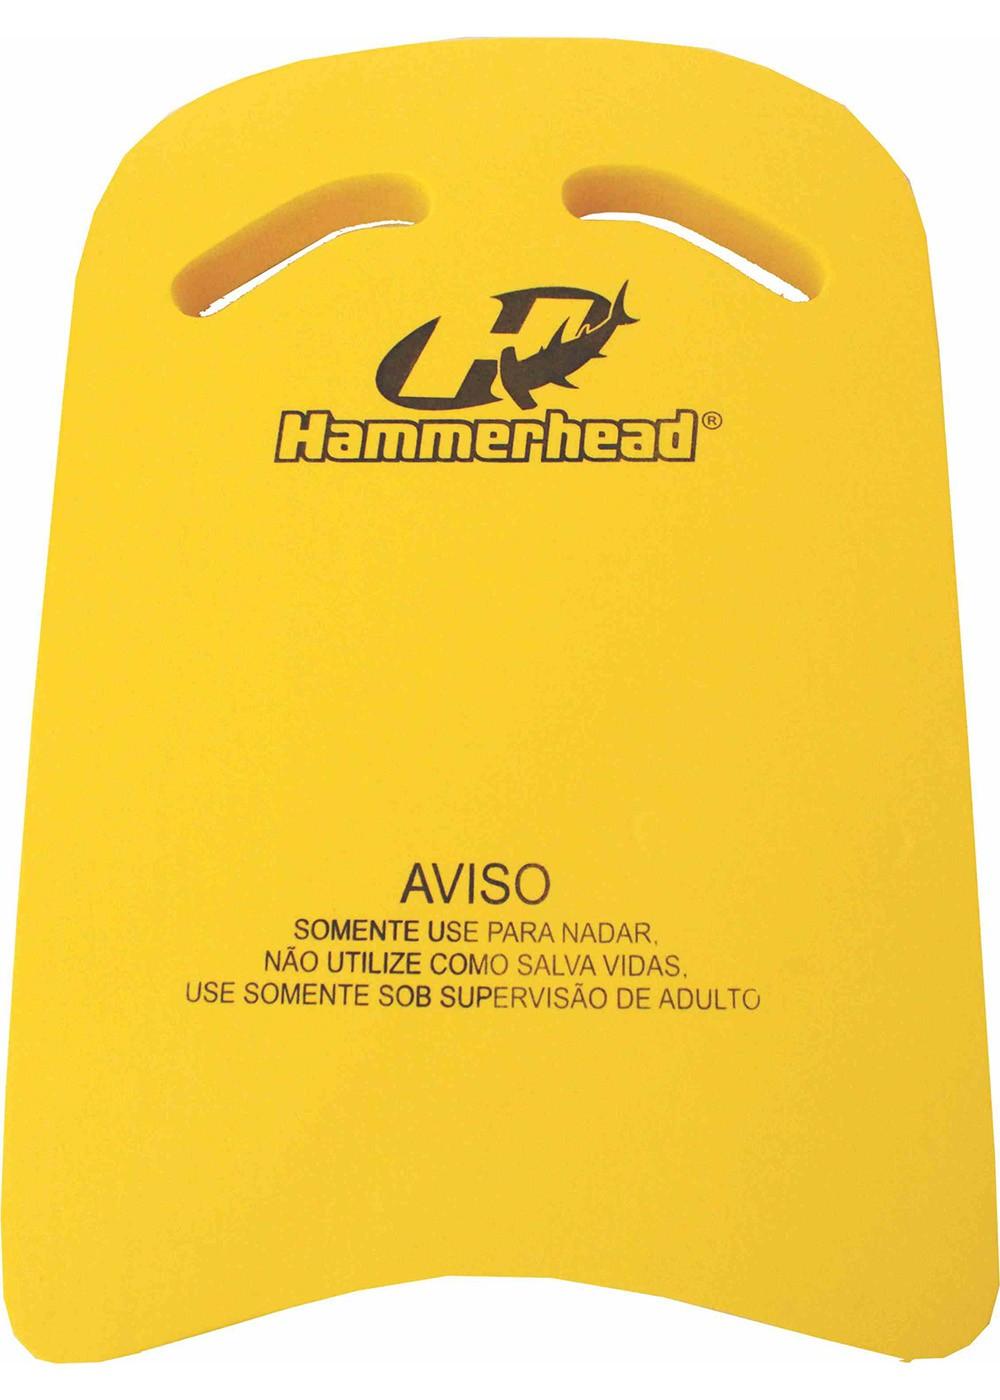 PRANCHA DE NATAÇÃO HAMMERHEAD - G - AMARELO